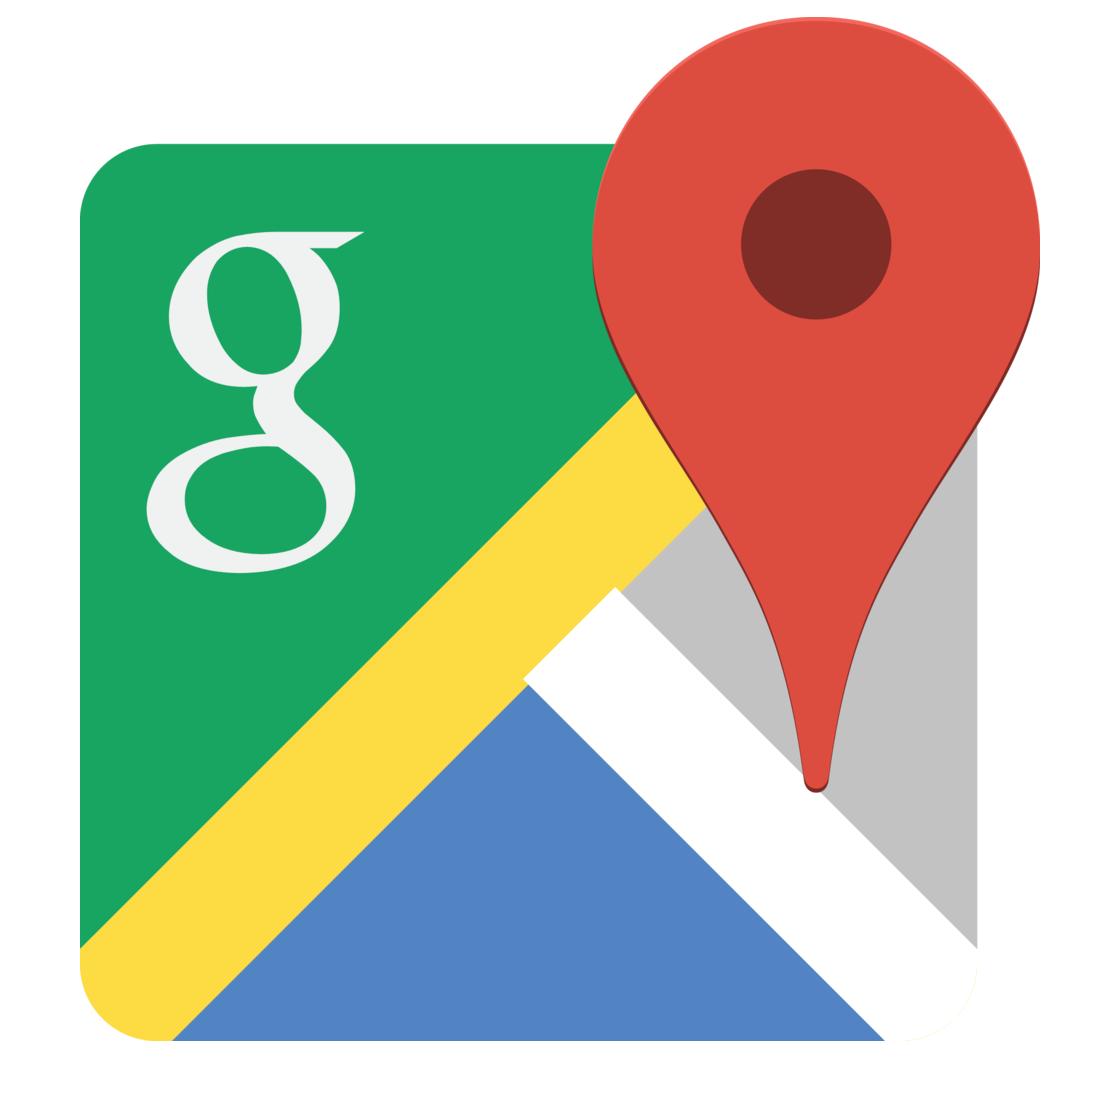 google maps � logos download